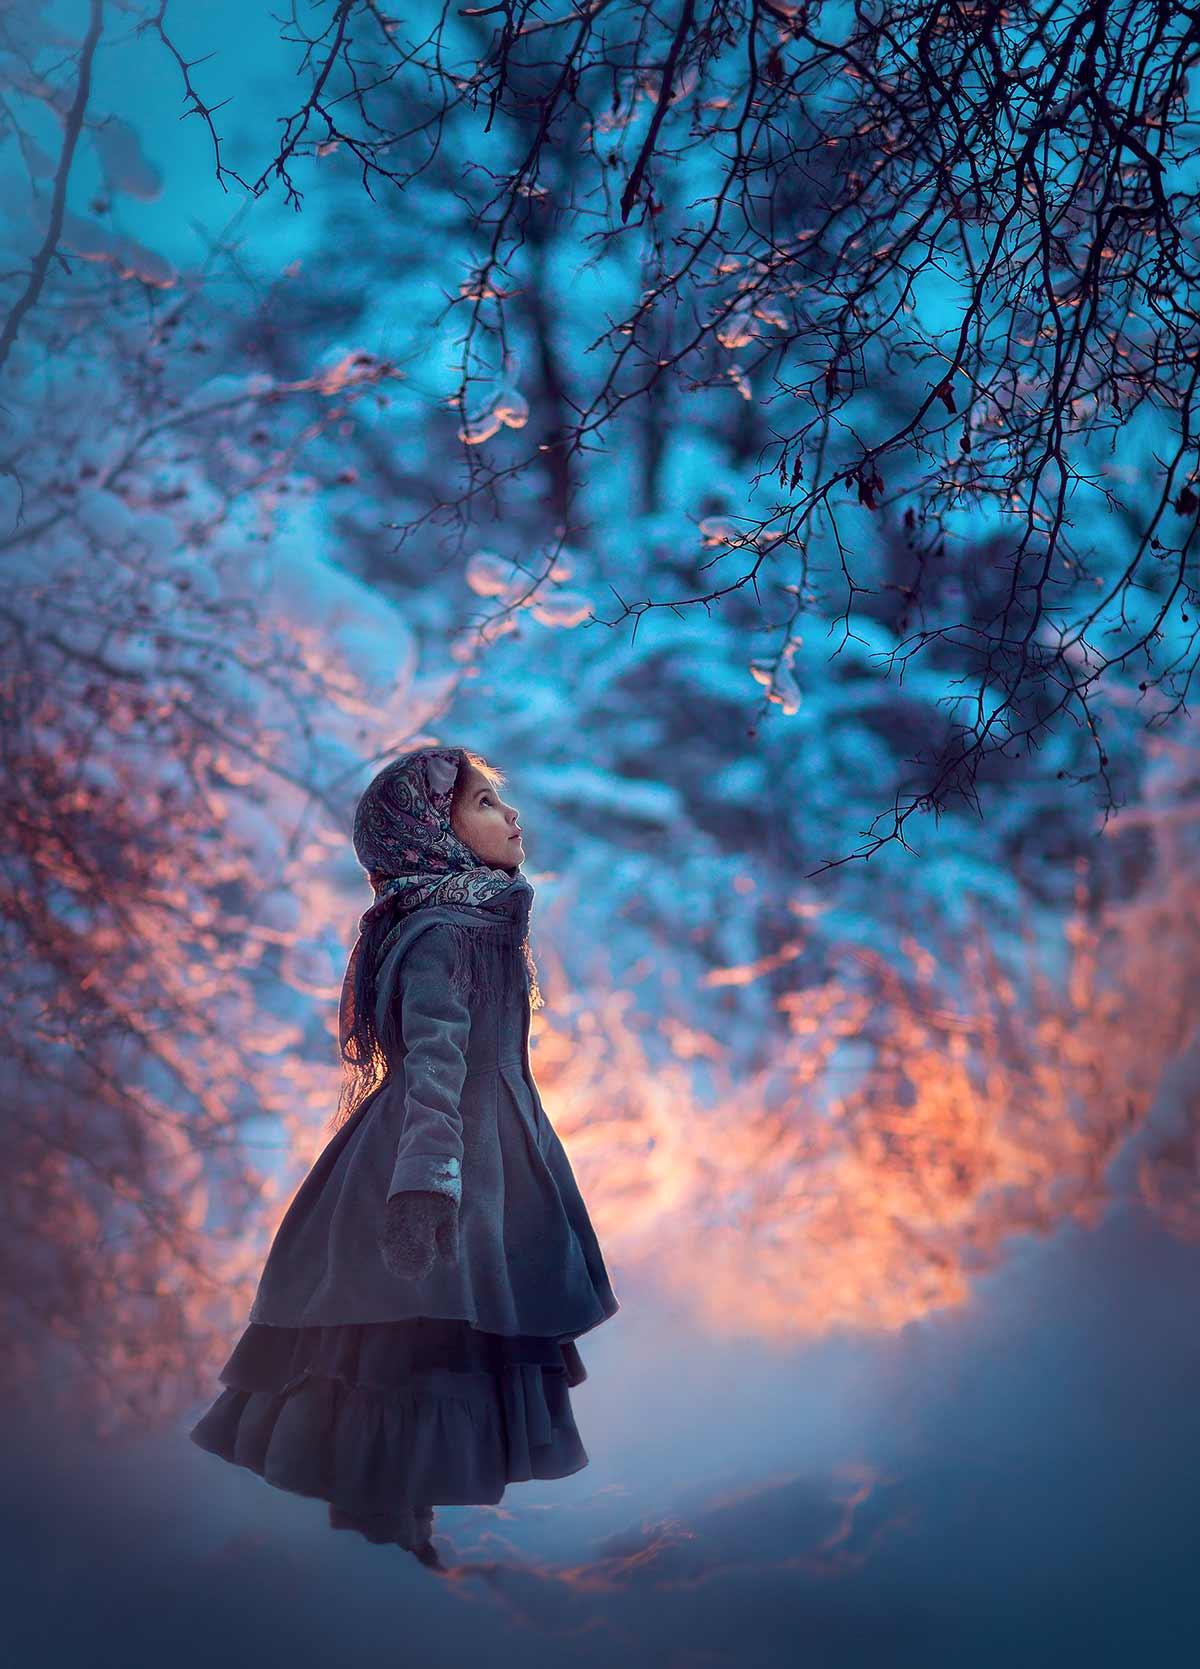 девочка, лес, вечер, зима, зимняя фотосессия, фотограф москва, фотосессия в москве, зимняя фотография, лесная, Катрин Белоцерковская